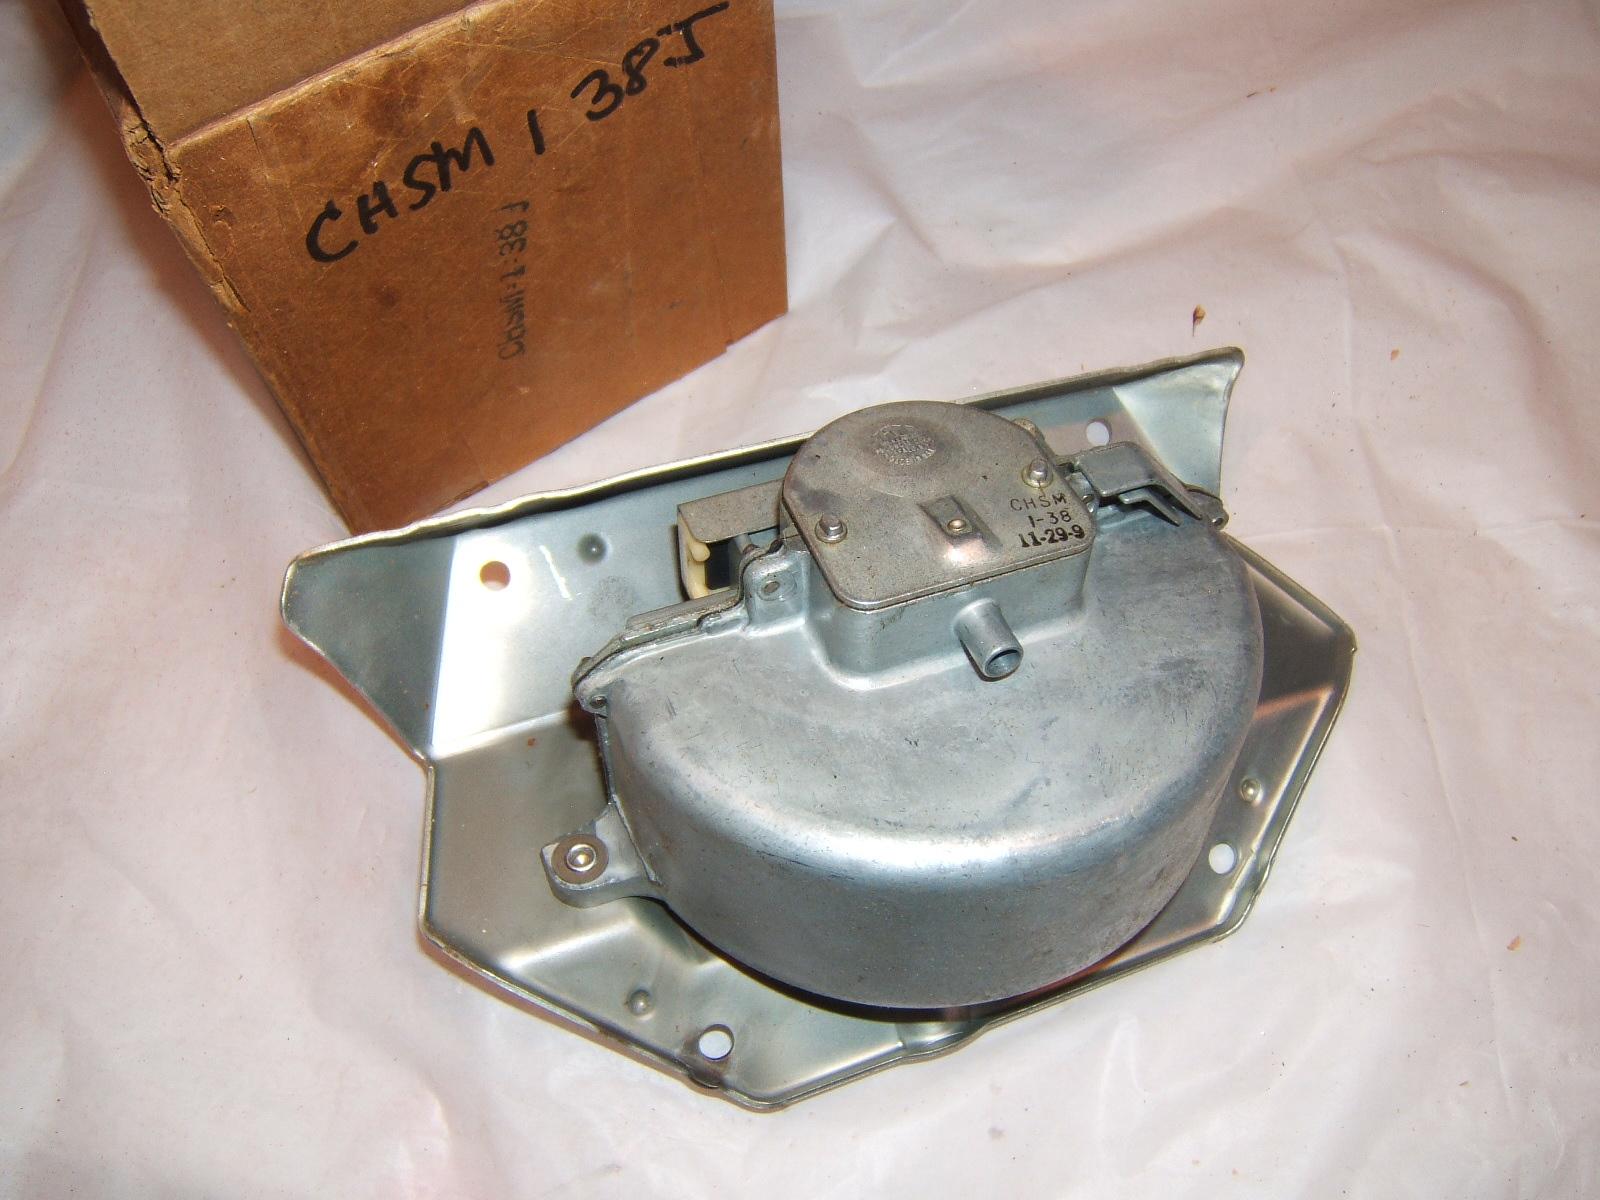 1964 -69 Rambler American & Scrambler windshield wiper motor nos Trico CHSM1-38J (a Chsm1-38j)